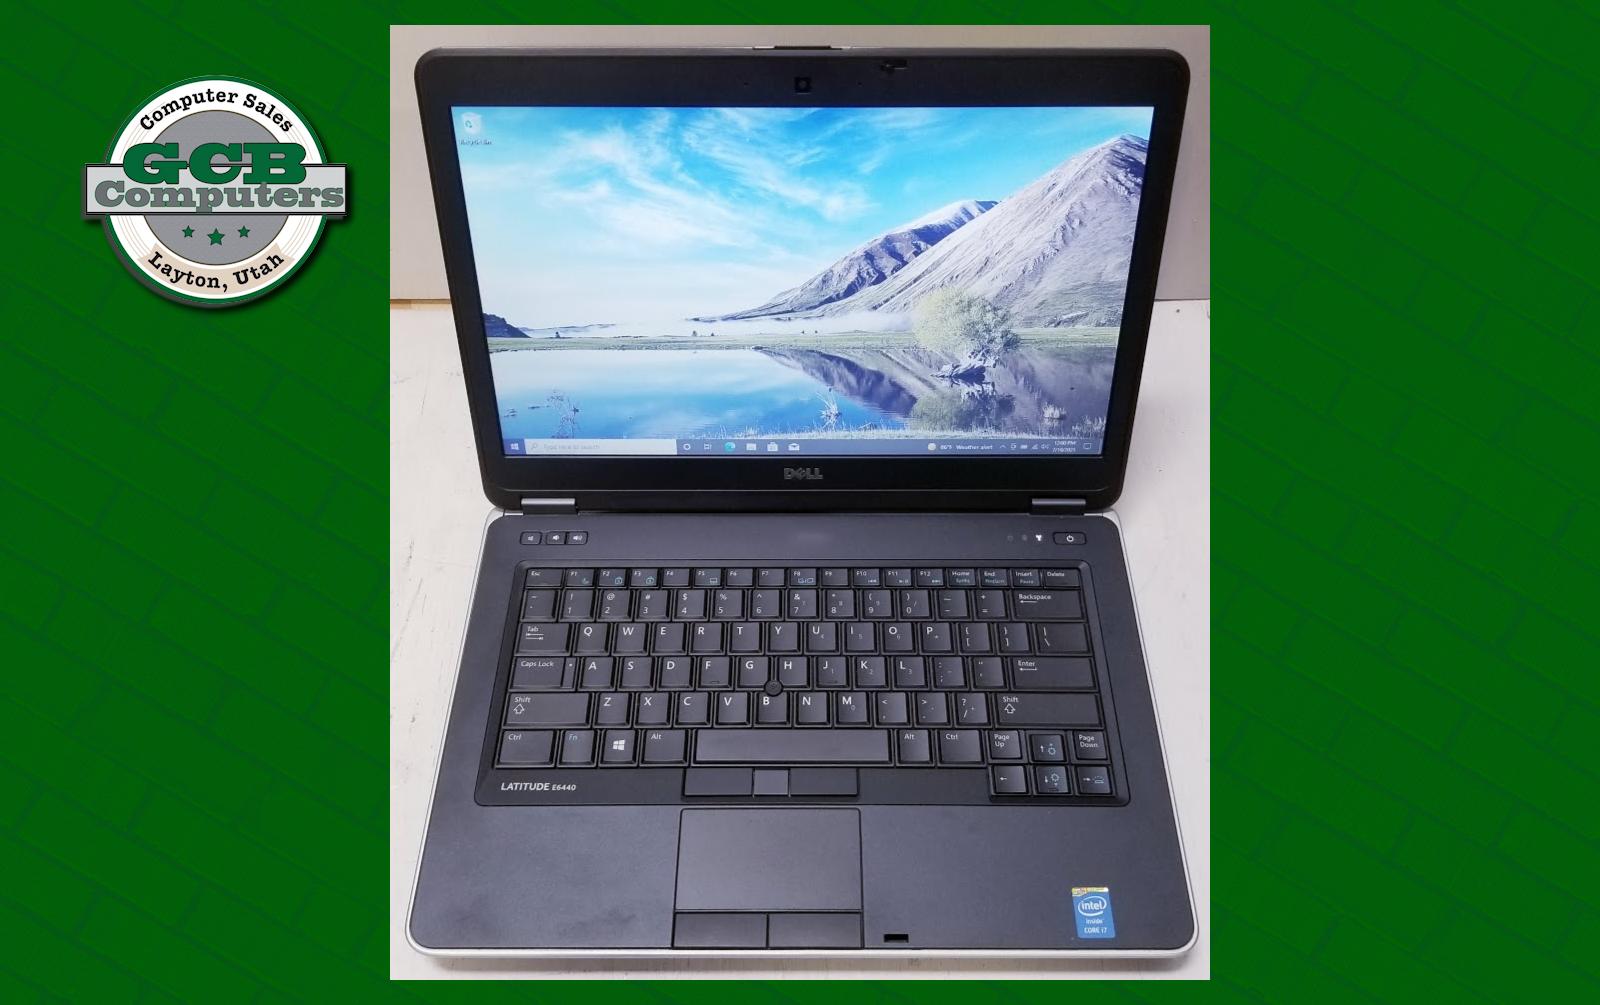 $180 Dell 6440 i7-4600M 256GB SSD 8GB RAM